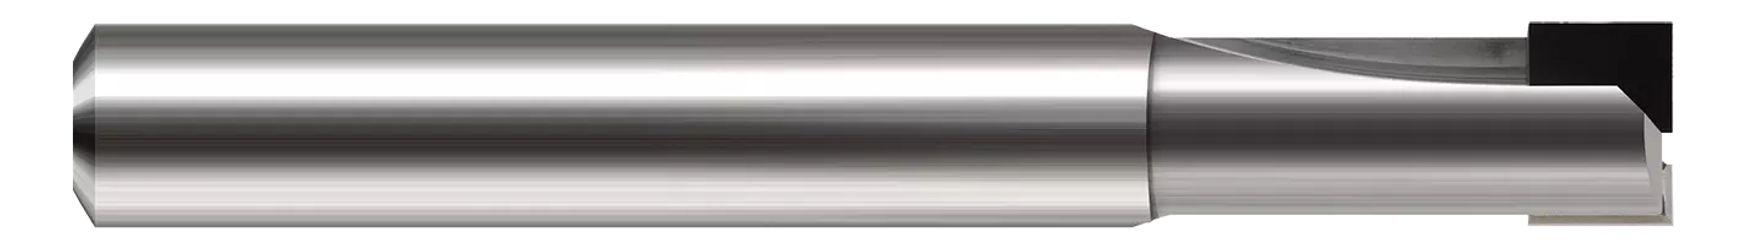 Diamond End Mills for Non-Ferrous Materials - PCD Diamond - Square